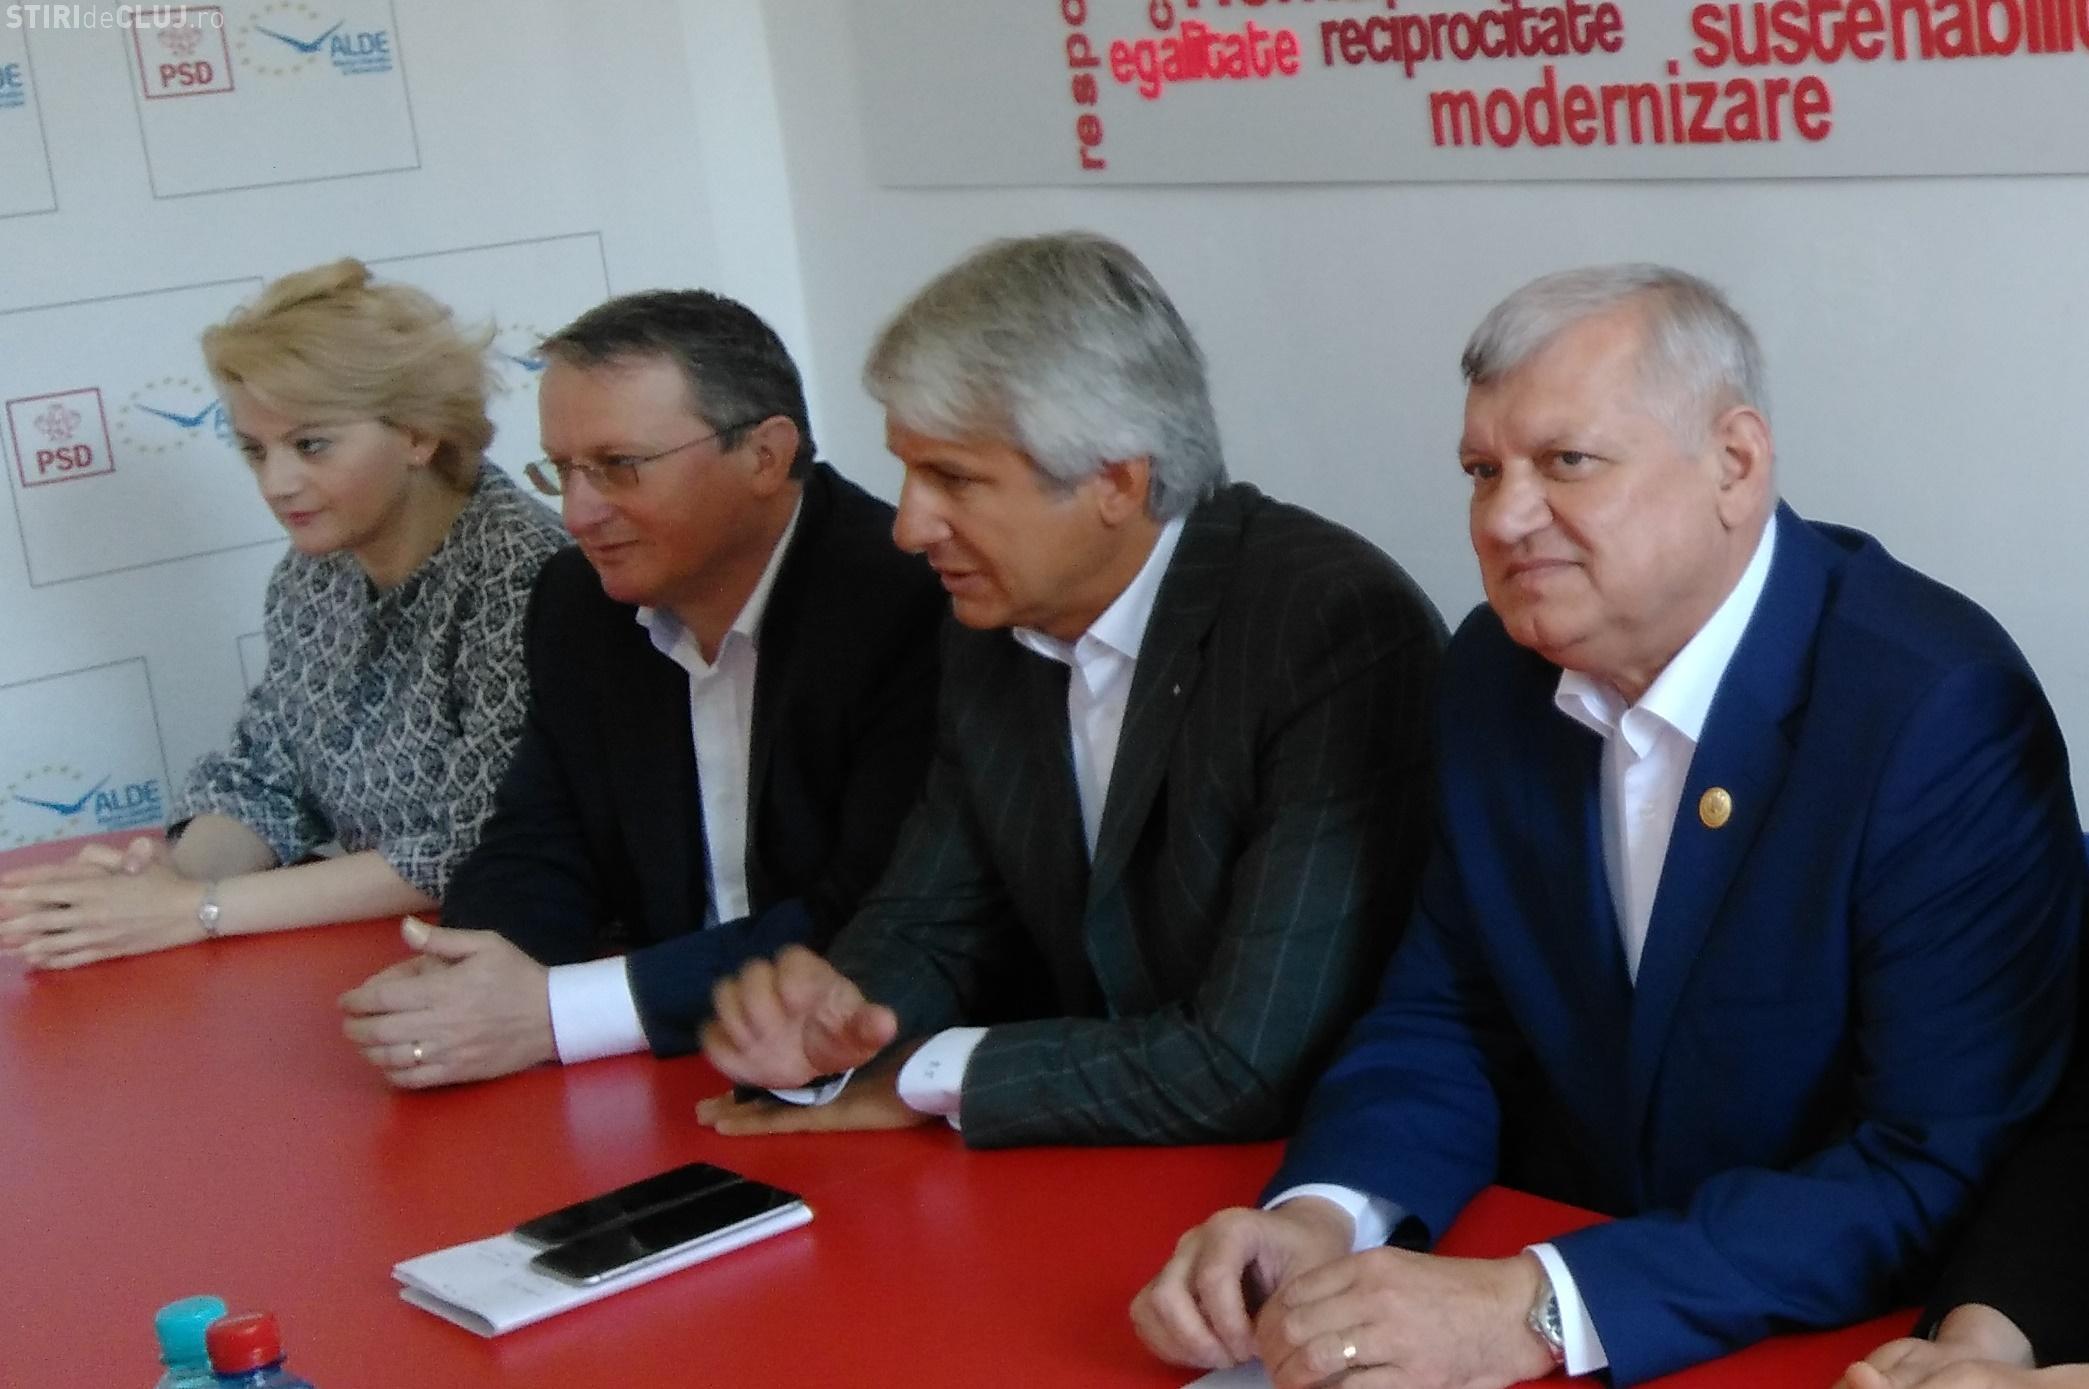 Fostul ministru Eugen Teodorovici, invitat la Știri de Cluj LIVE, alături de candidatul PSD la Consiliul Local, Gabriela Ciot. Așteptăm întrebări